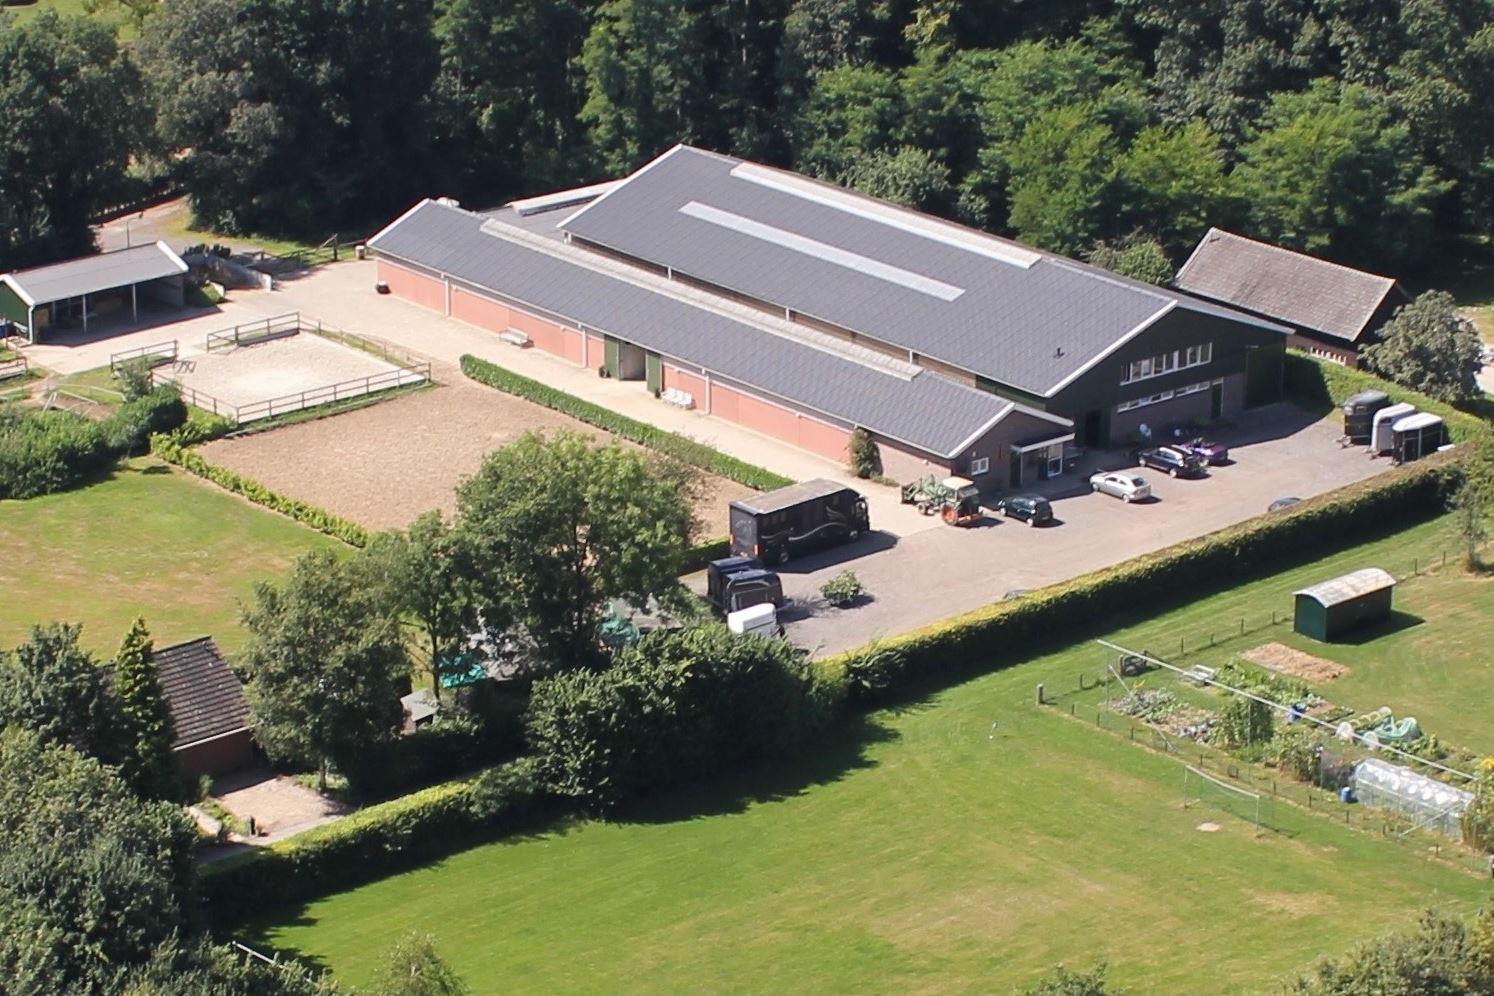 Agrarisch bedrijf hummelo zoek agrarische bedrijven te for Paardenbedrijf te koop